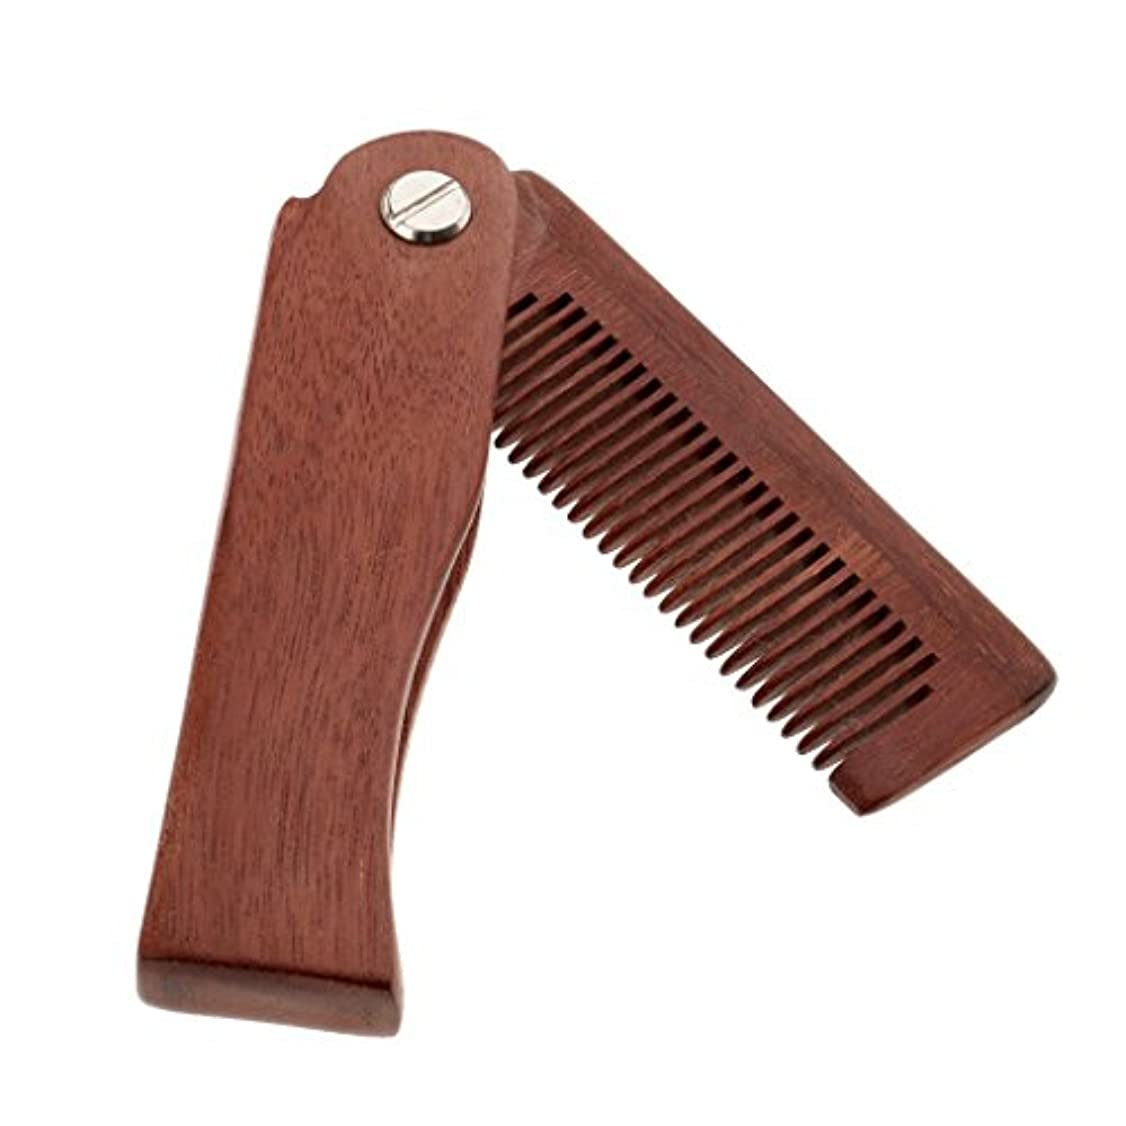 禁止バレエマキシムひげ剃り櫛 コーム 木製櫛 折りたたみ メンズ 毛ひげの櫛